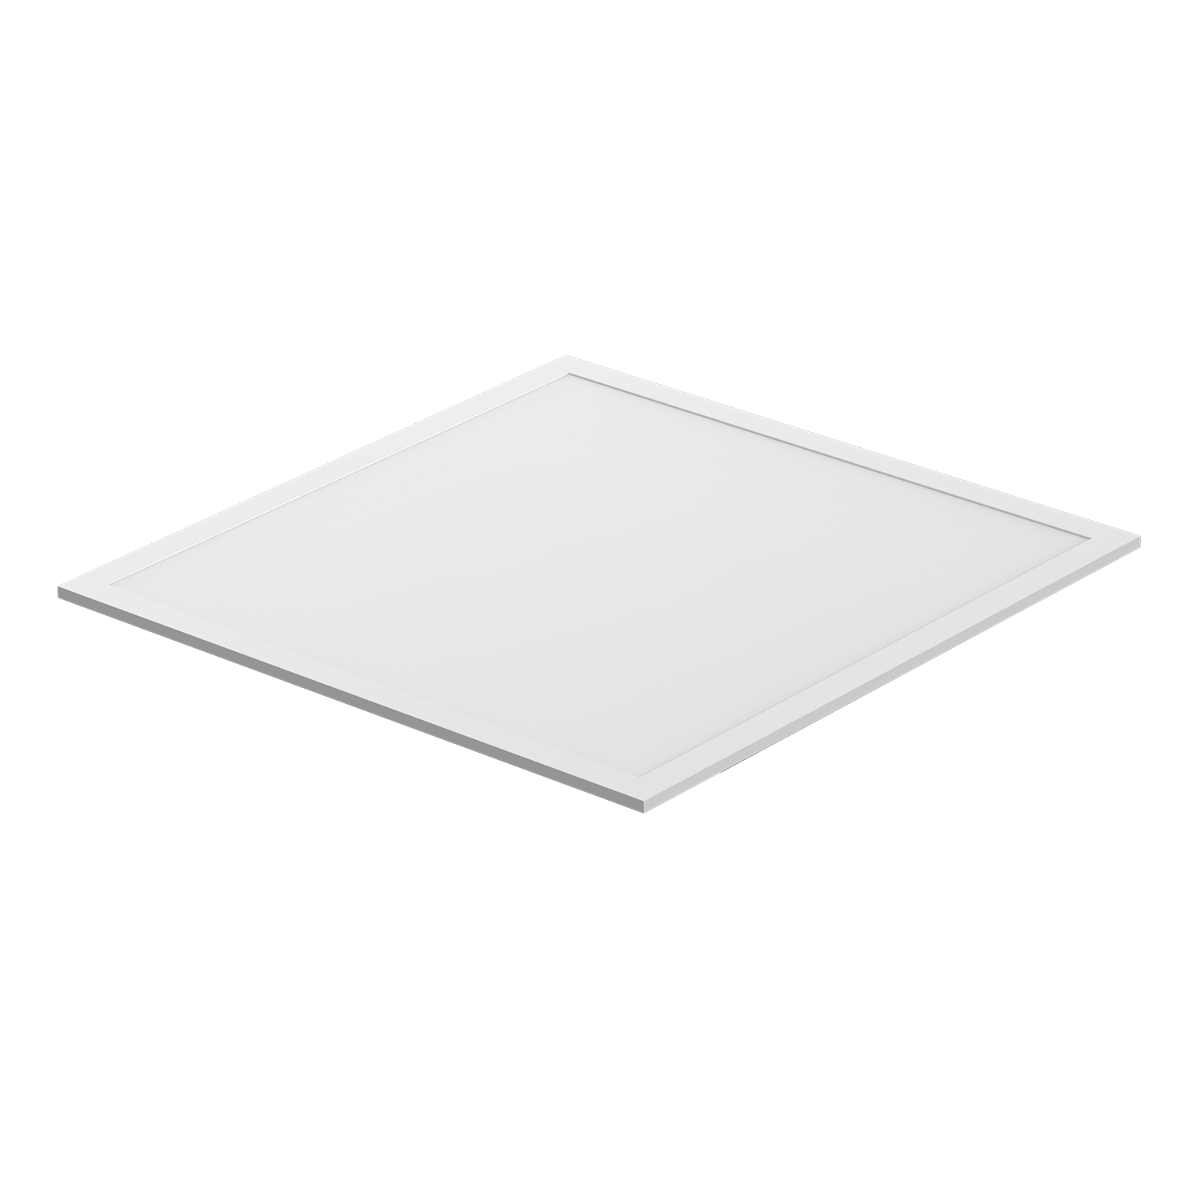 Noxion LED Paneel Econox 32W 60x60cm 4000K 4400lm UGR <22 | Vervanger voor 4x18W